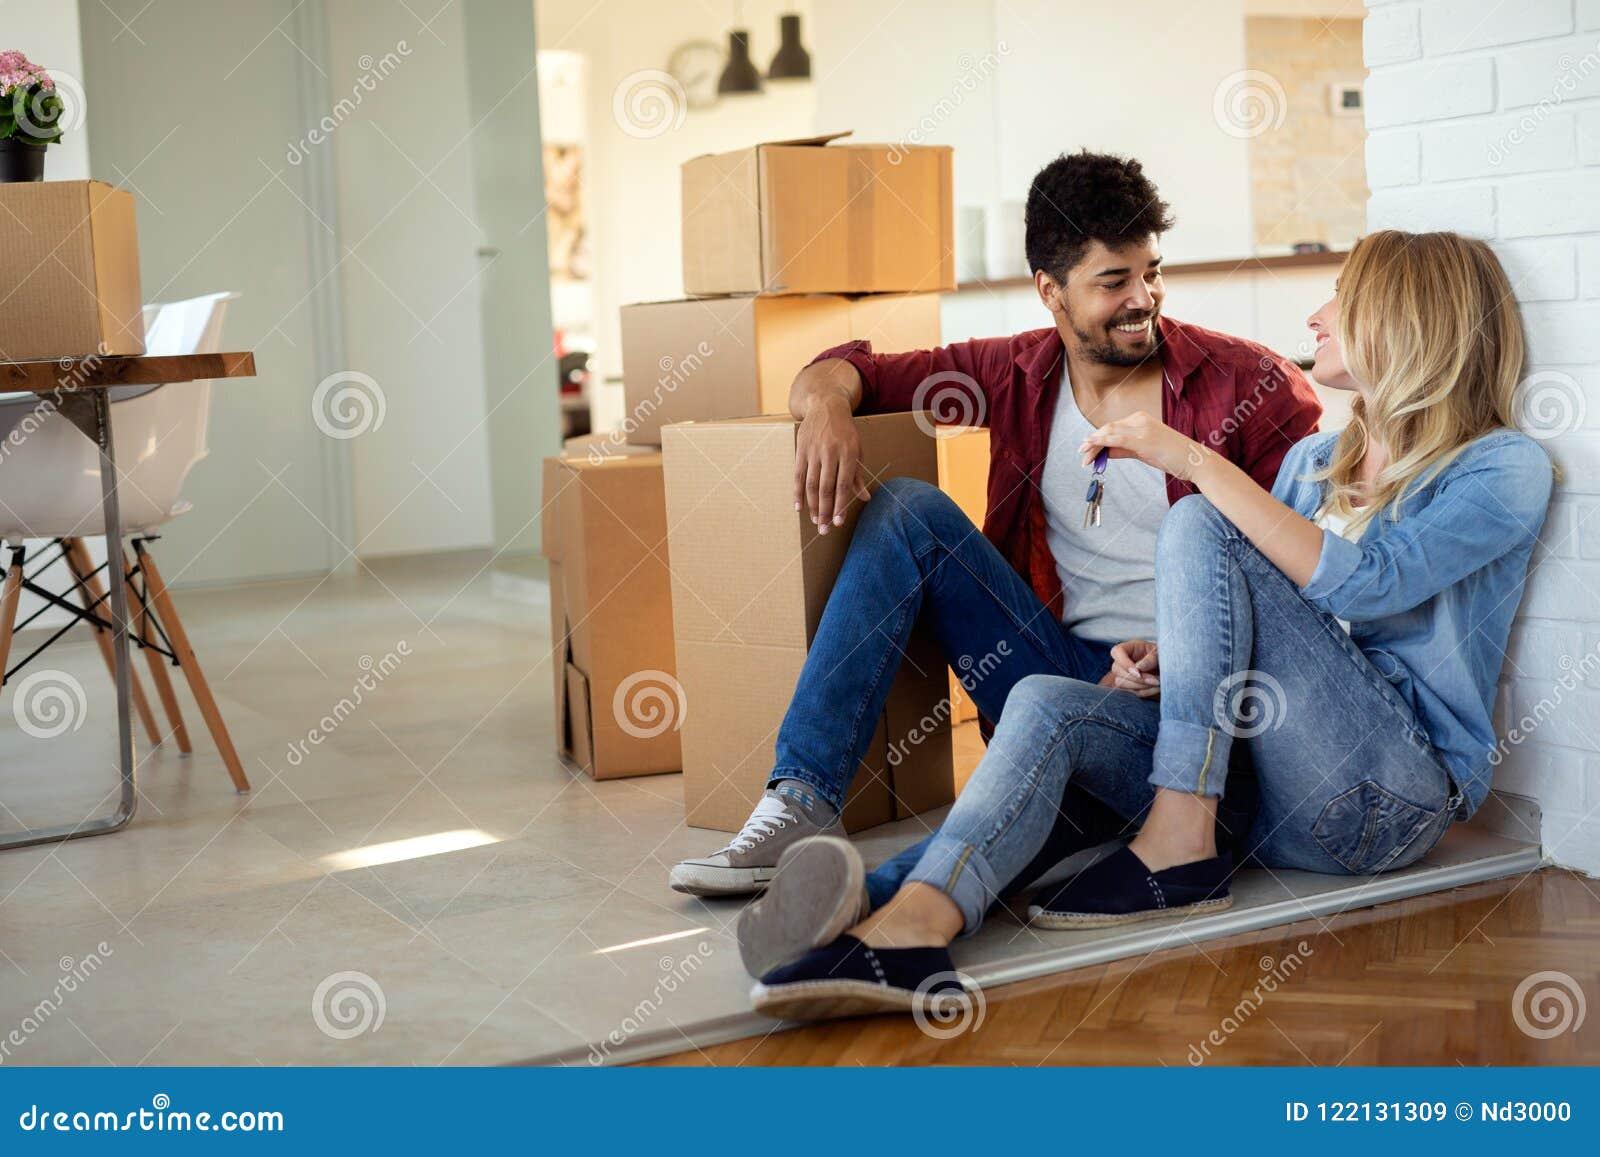 Jong paar die zich in nieuw huis en uitpakkende carboard dozen bewegen